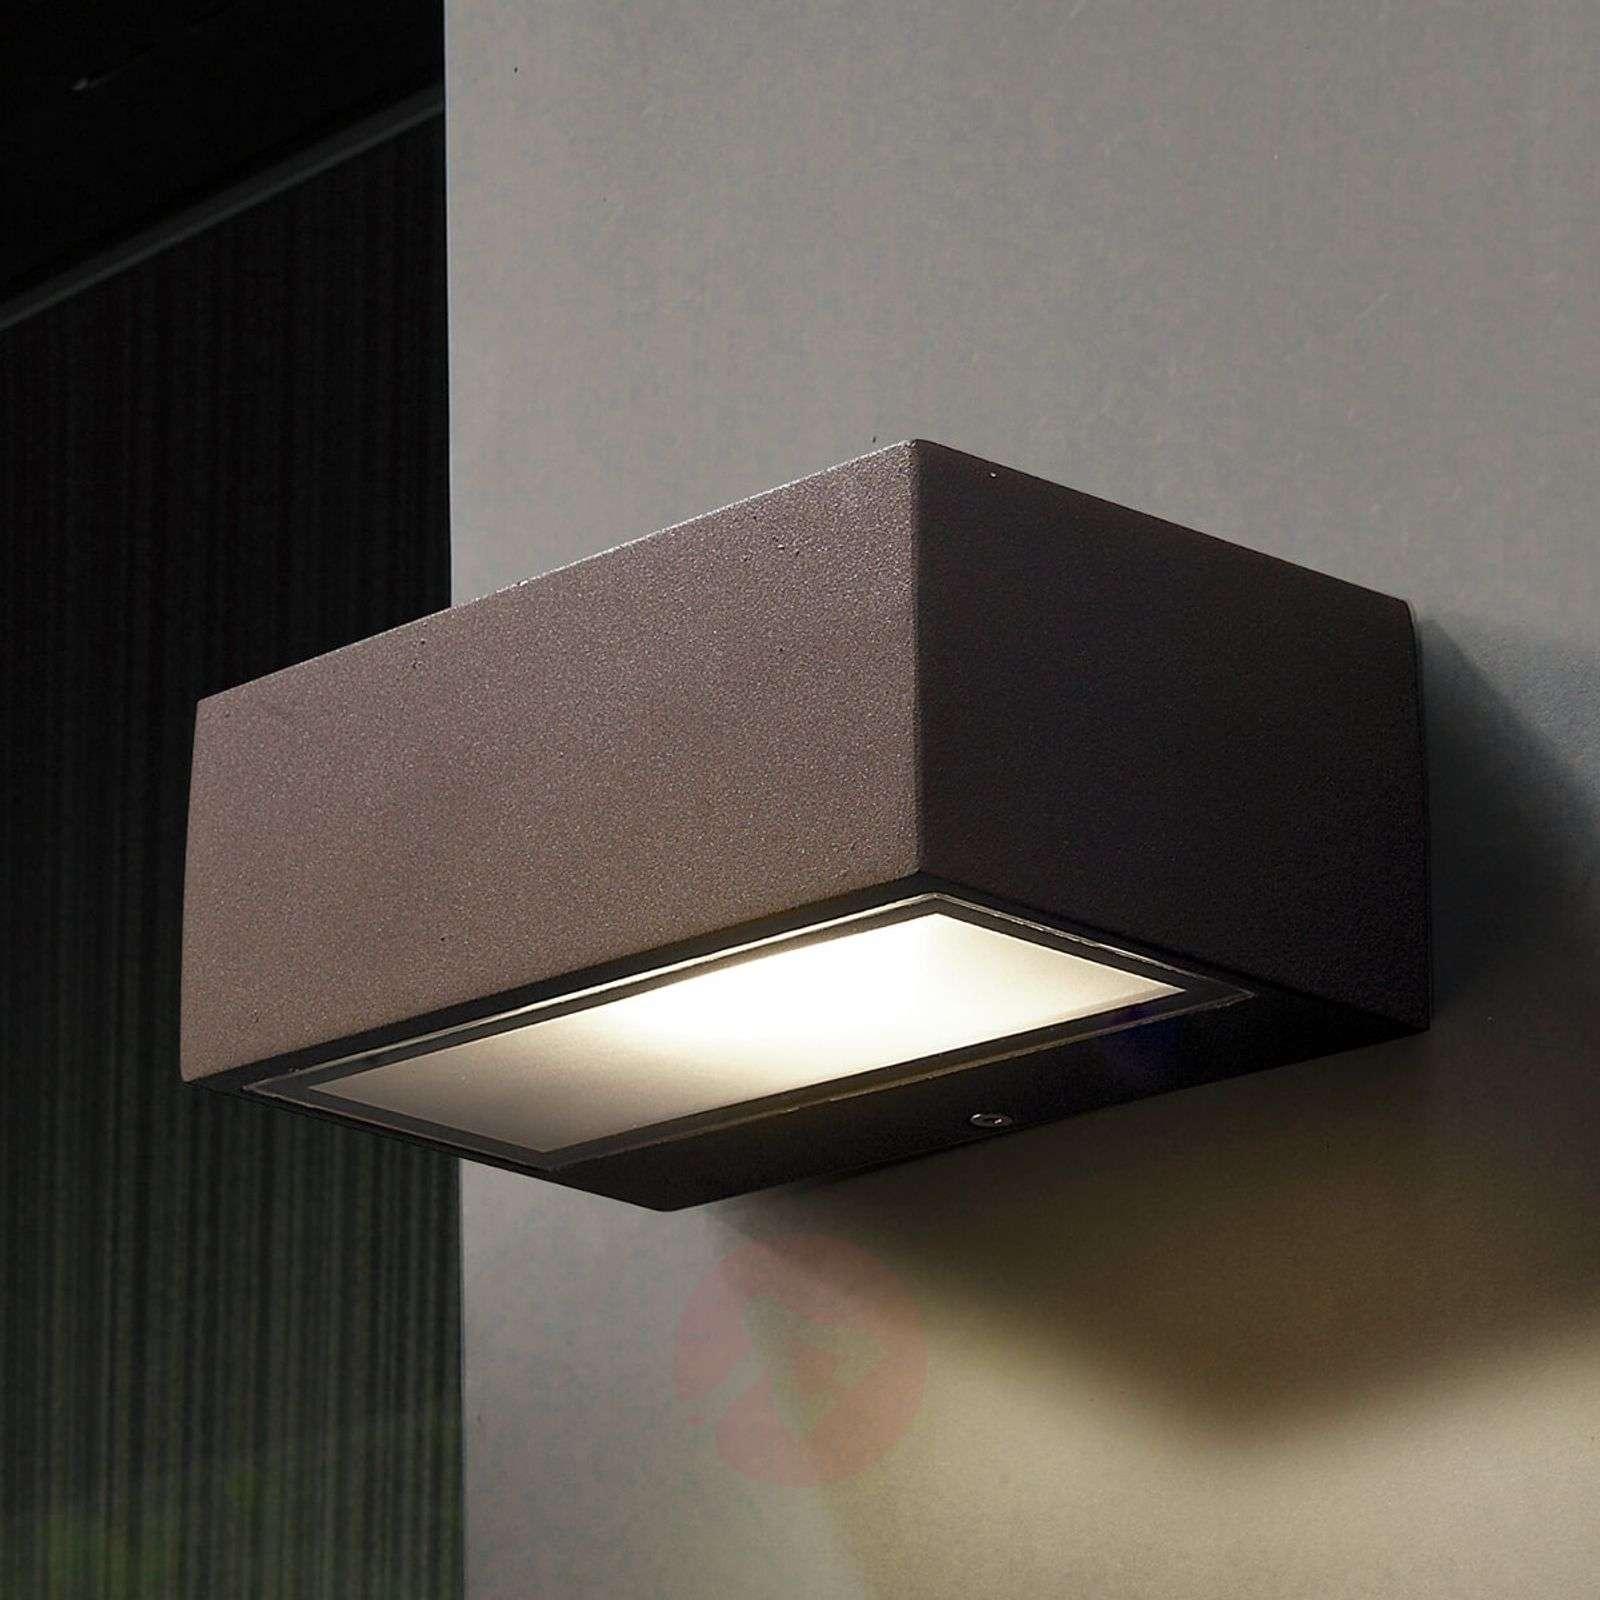 LED-ulkoseinävalaisin Nemesis, ruskea-6025348-01